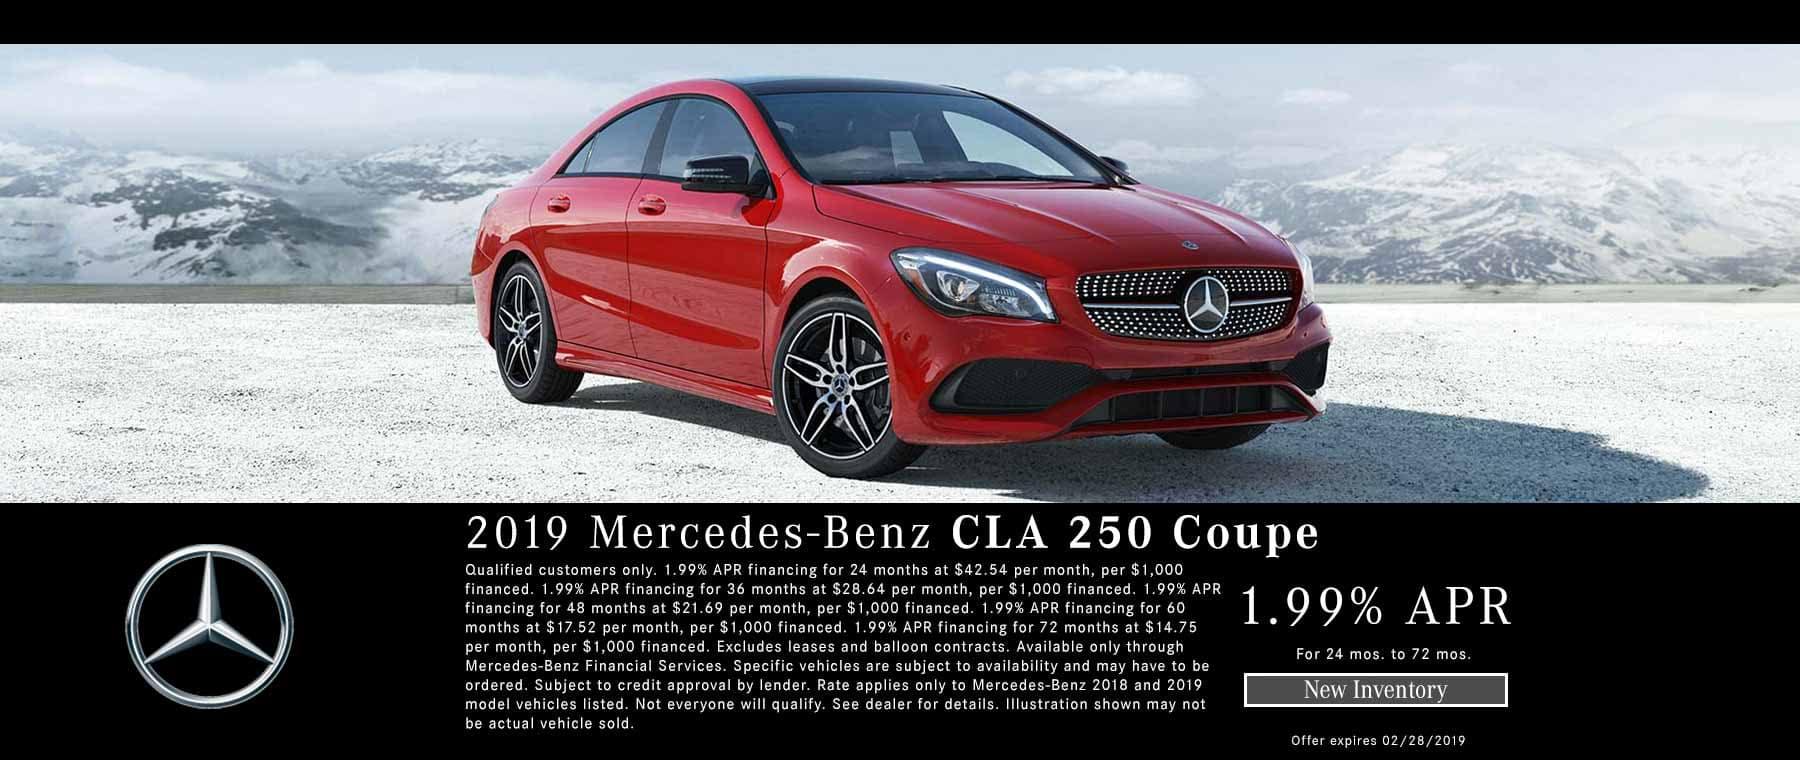 2019 CLA 250 Finance Special Bakersfield